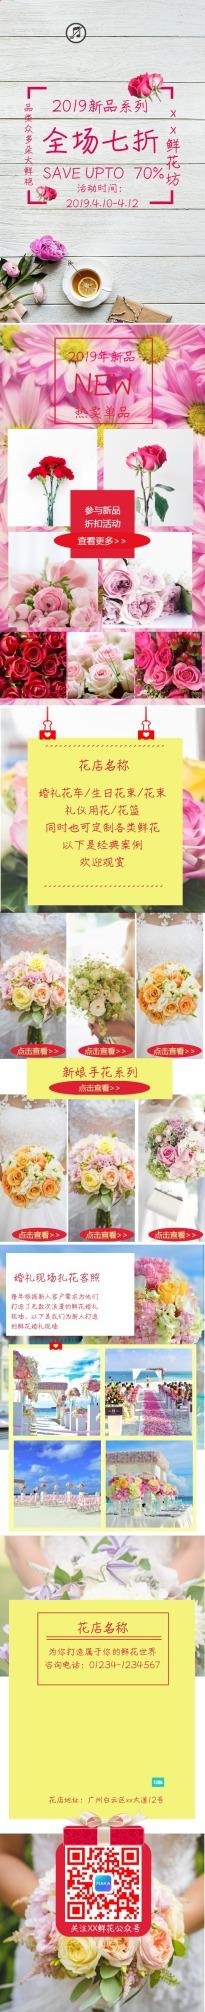 简约鲜花促销宣传推广活动单页